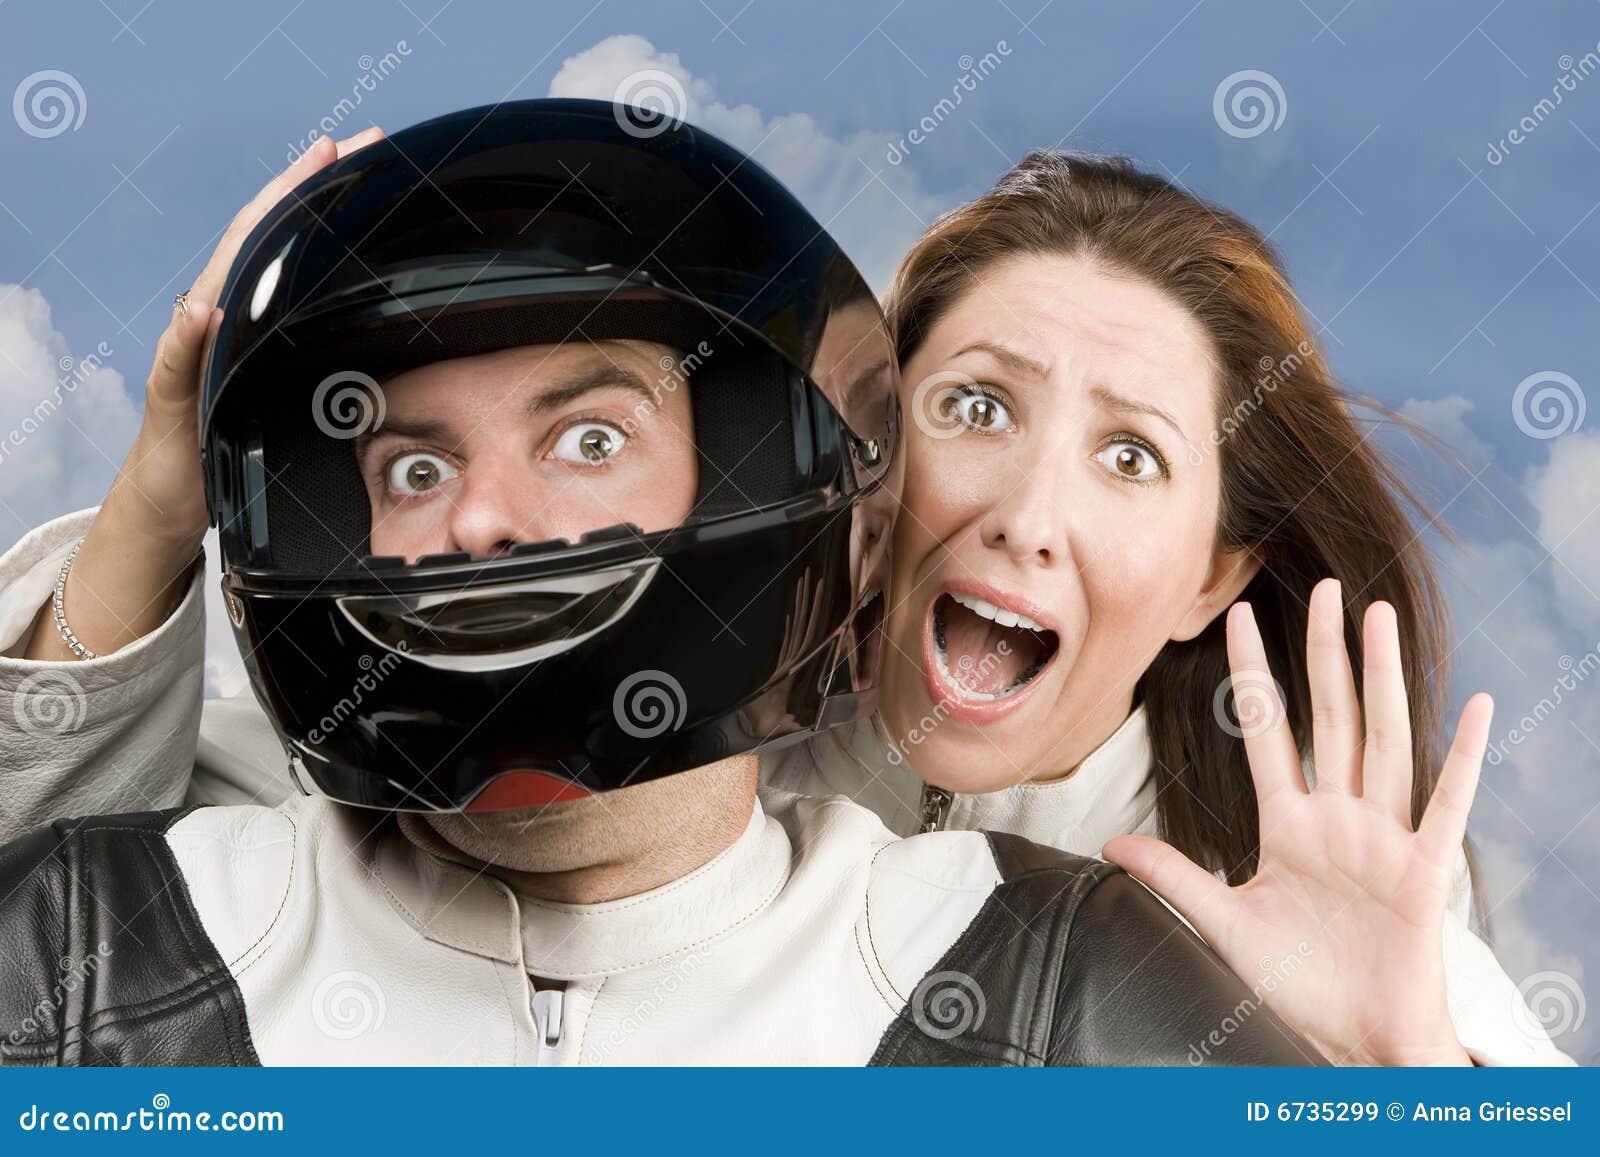 homme et femme craintive sur une moto image stock image du nuage sport 6735299. Black Bedroom Furniture Sets. Home Design Ideas